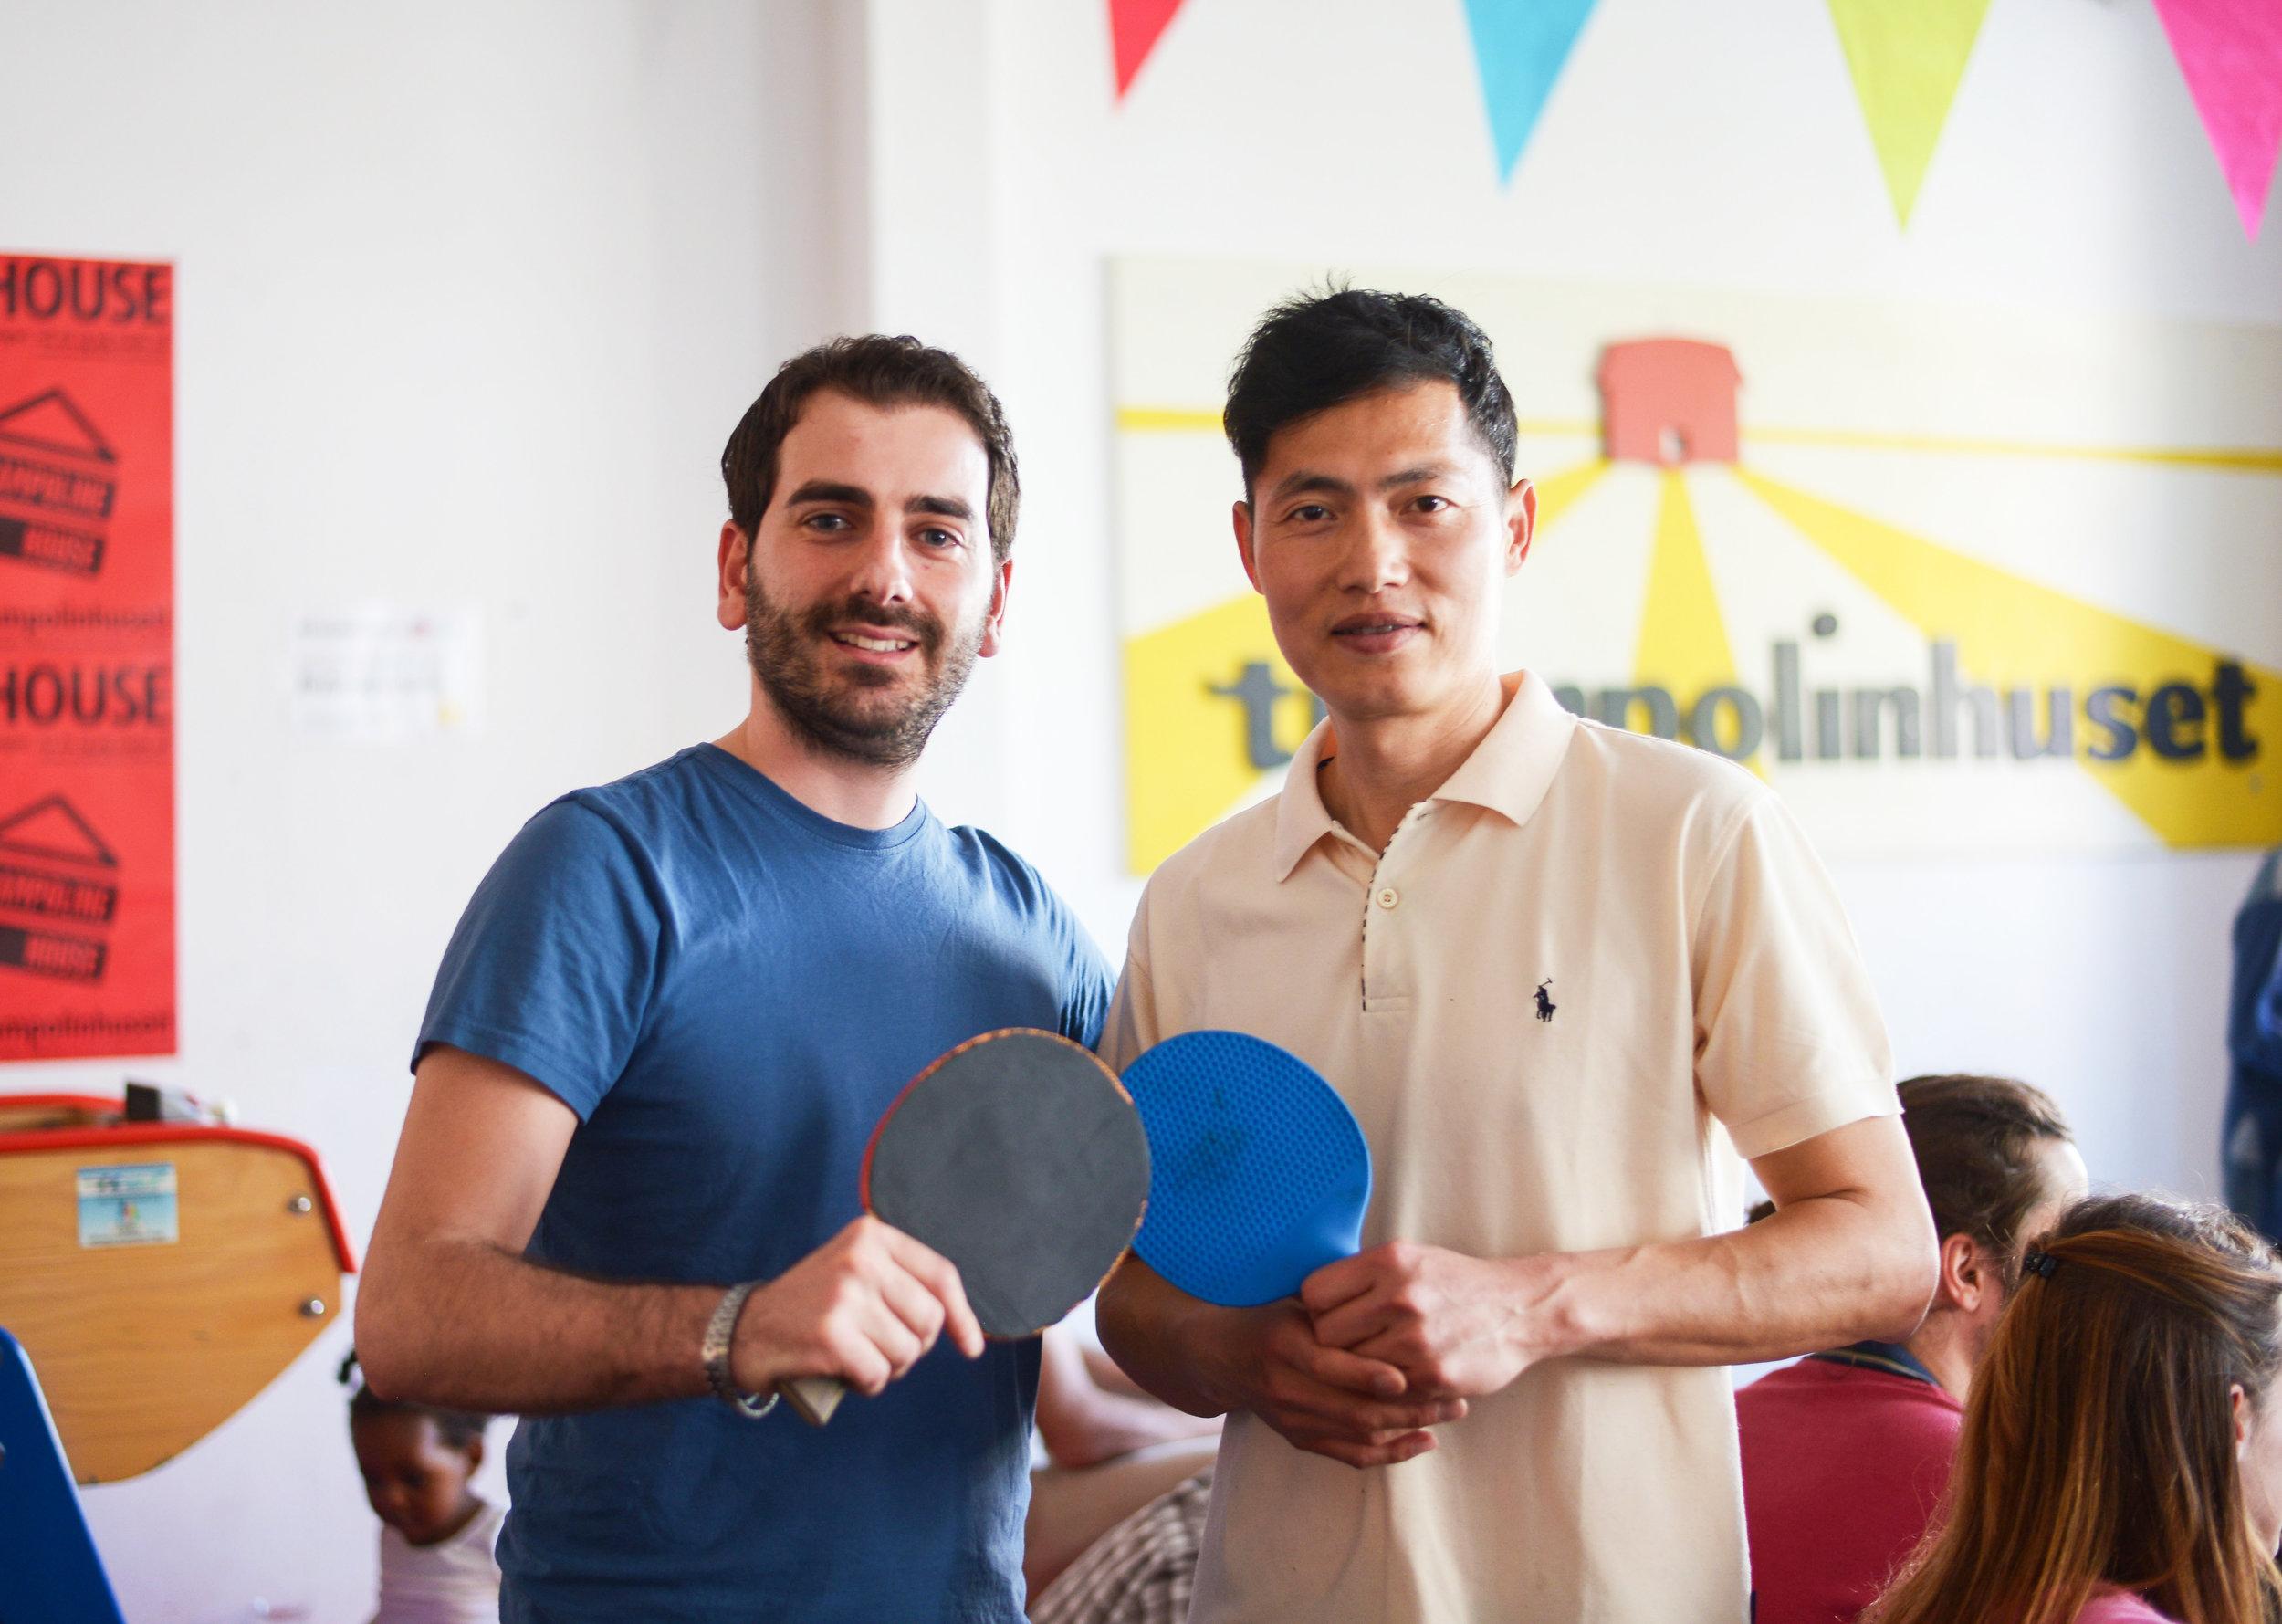 David Jason Lou (højre) har spillet og undervist i mange år, og kender både til spillets praktiske aspekter og til dets filosofiske og buddhistiske aspekter. Foto: Anna Emy.